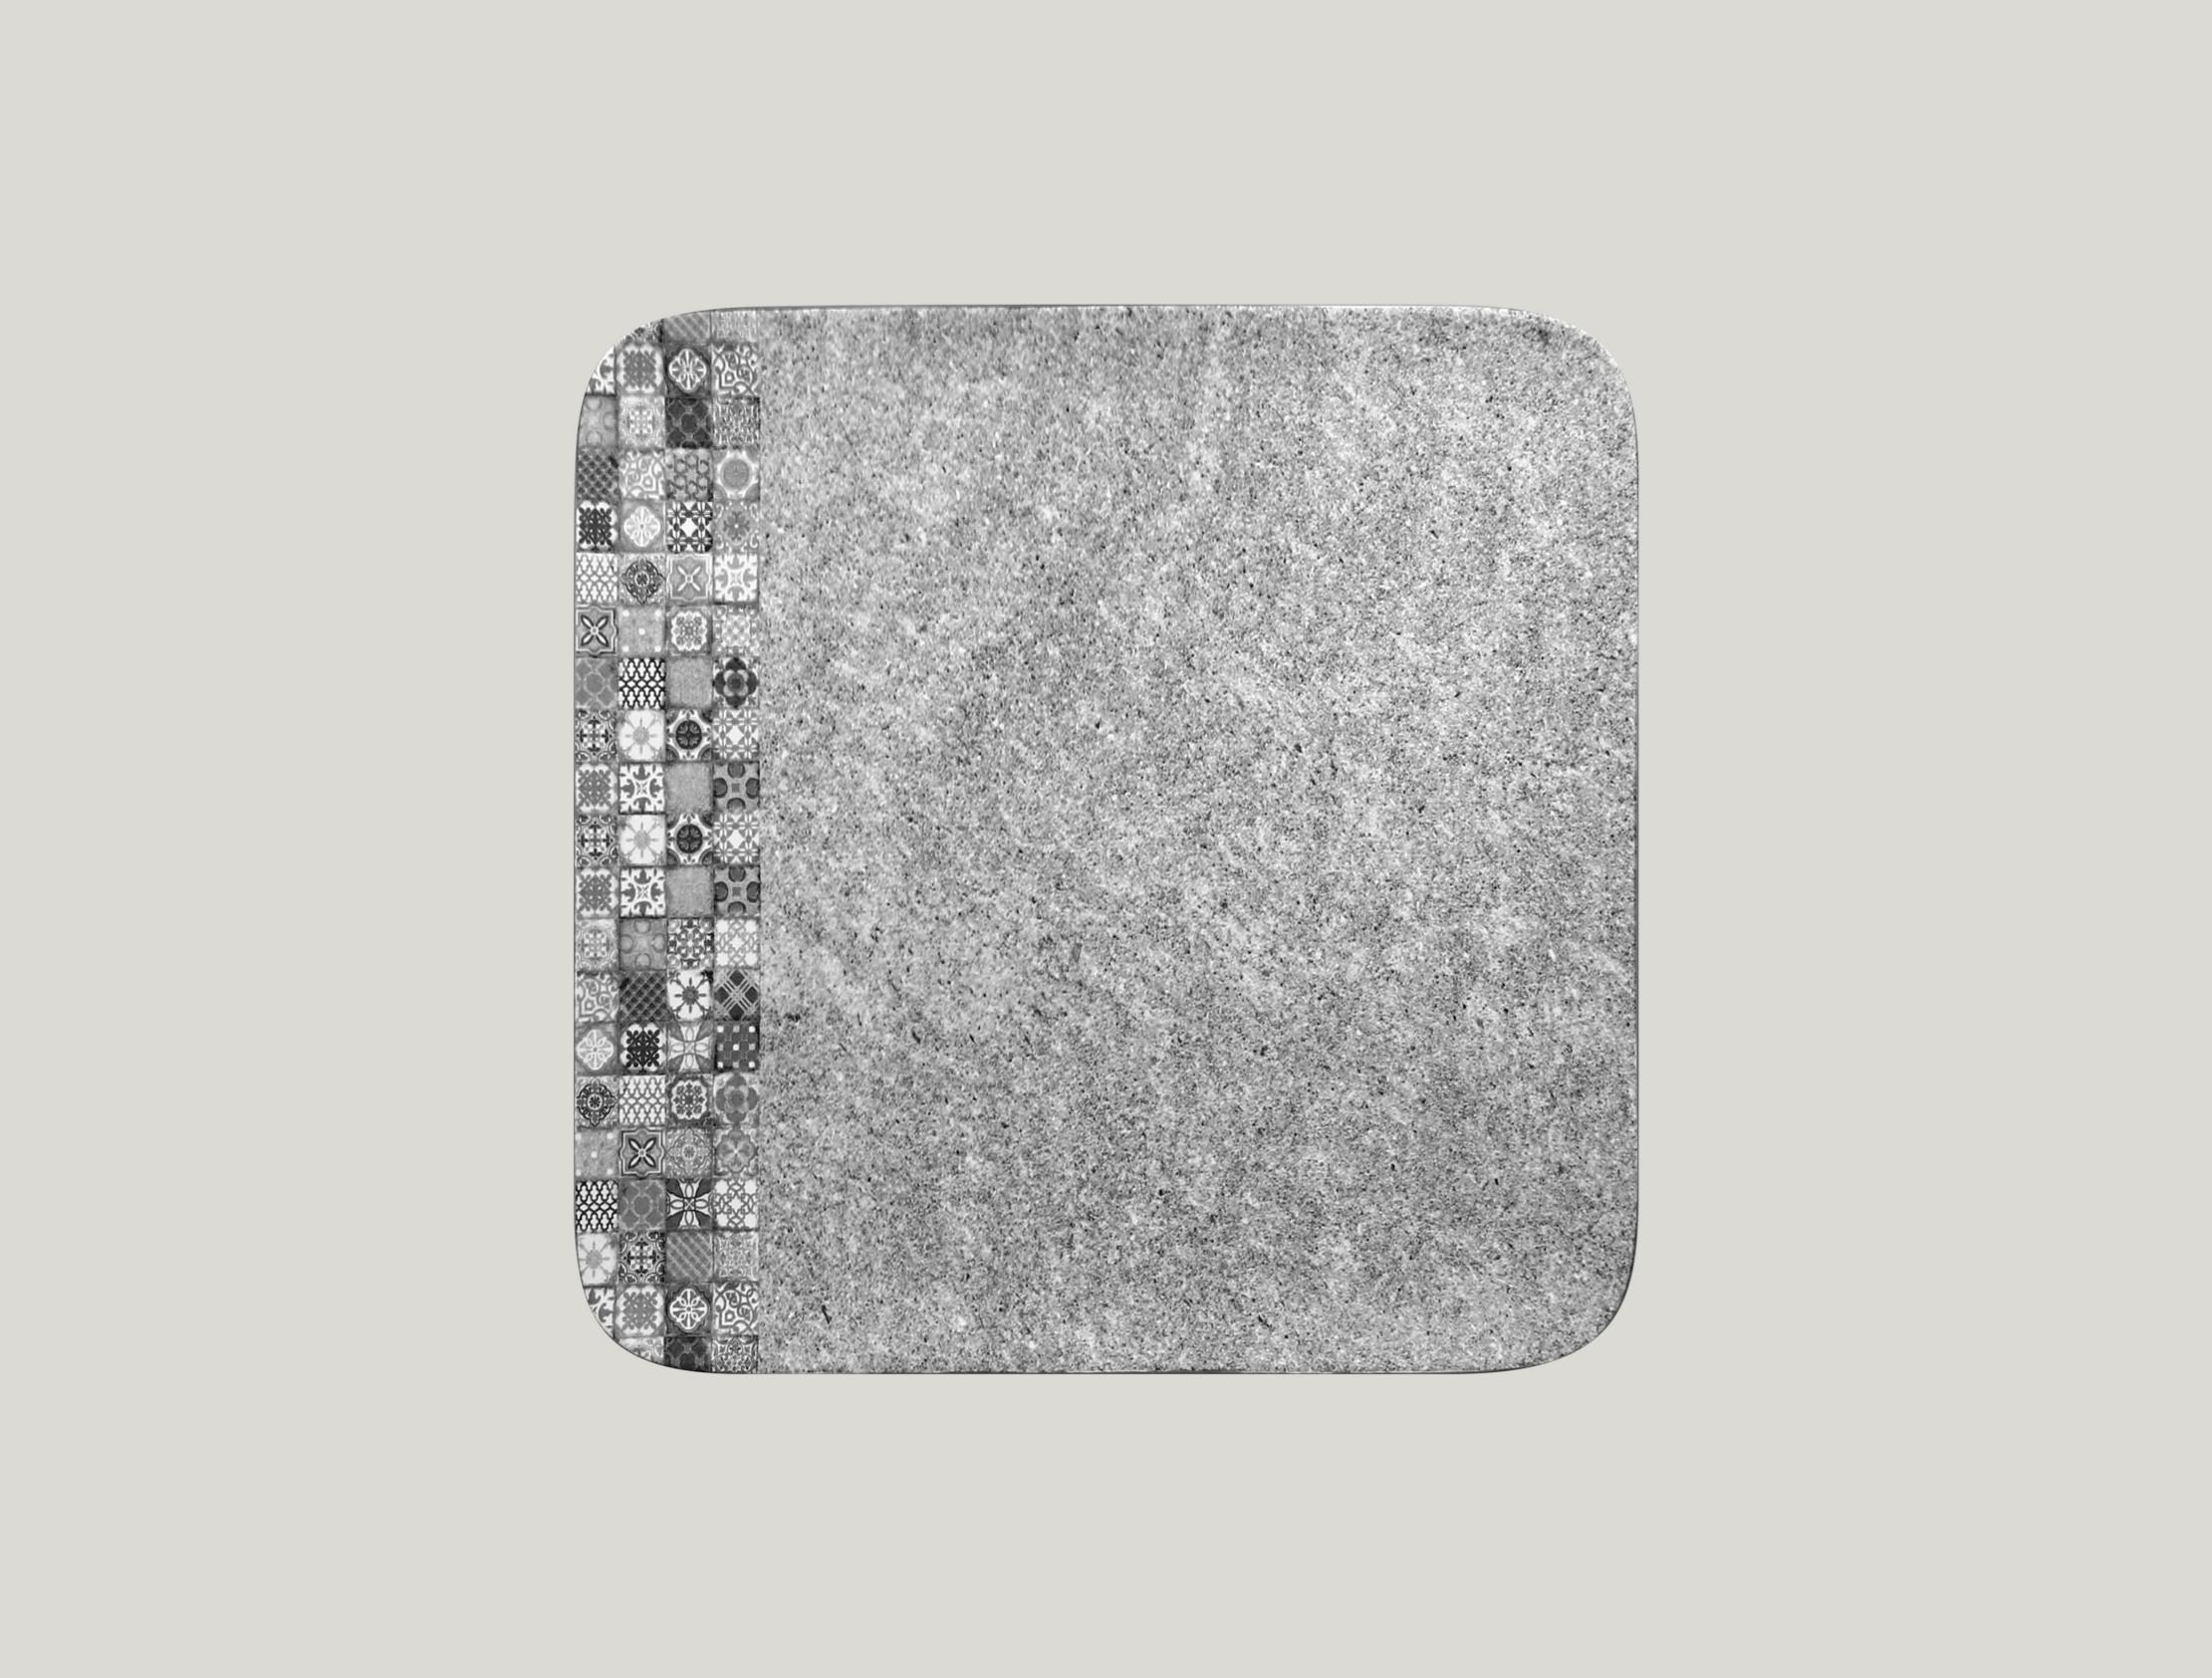 Talíř čtvercový 27 x 27 cm - šedá